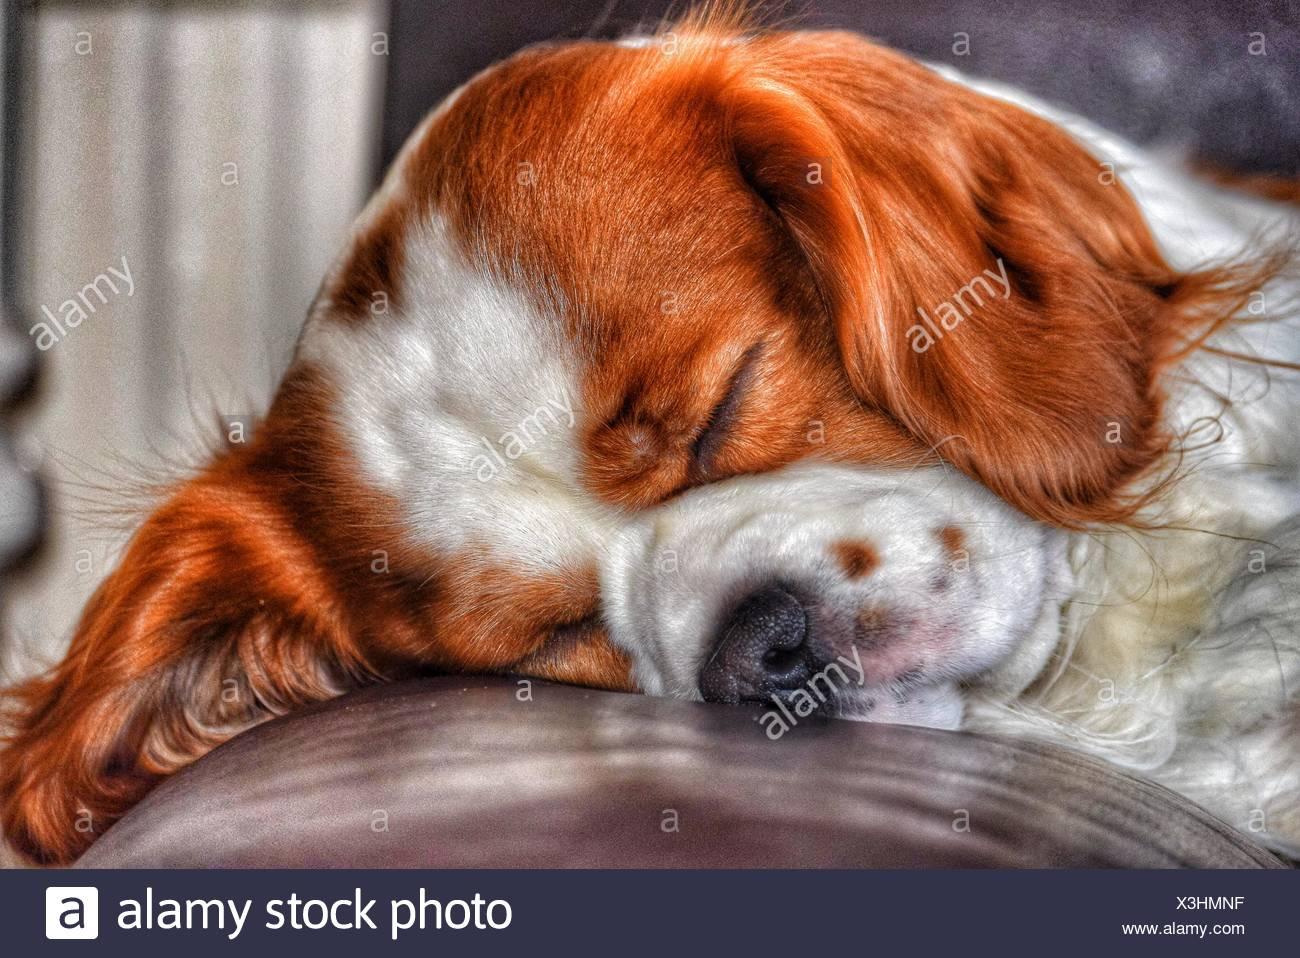 Dog Sleeping On Leather Cushion - Stock Image